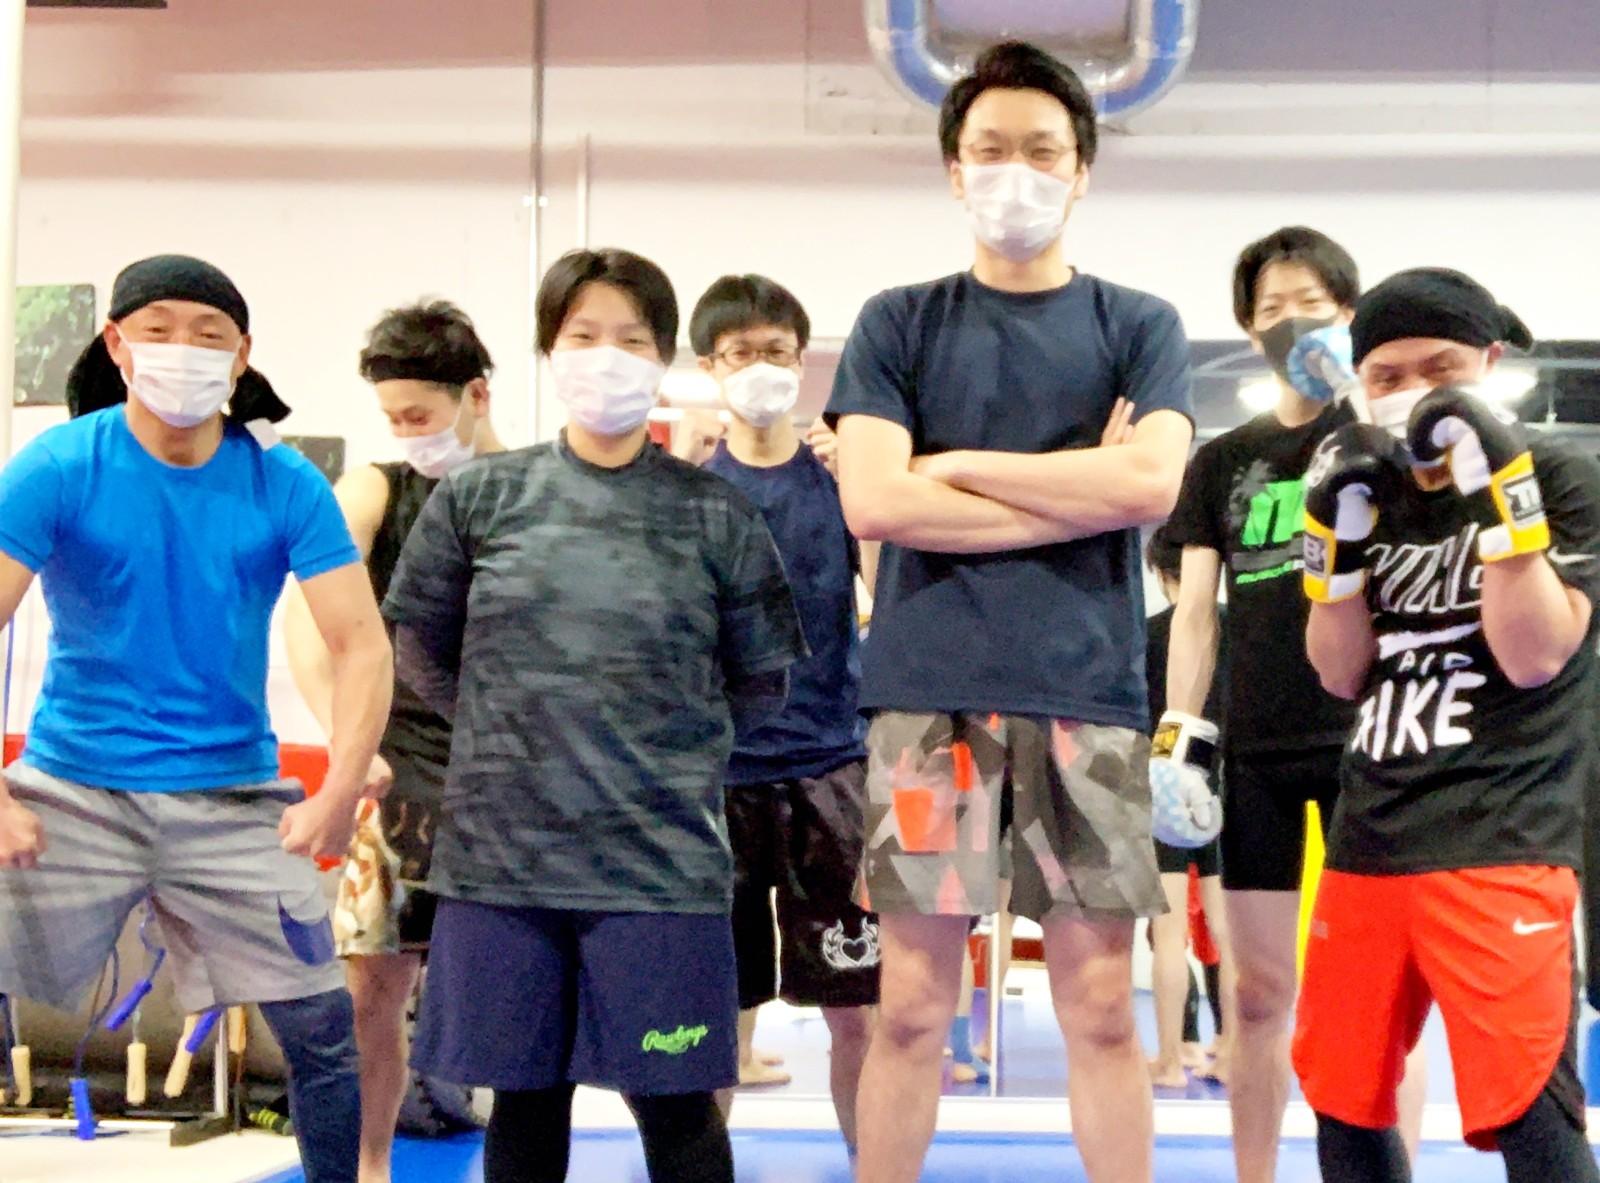 名古屋JKF キックボクシングフィットネスジム-絶望の丘に希望の花が咲く